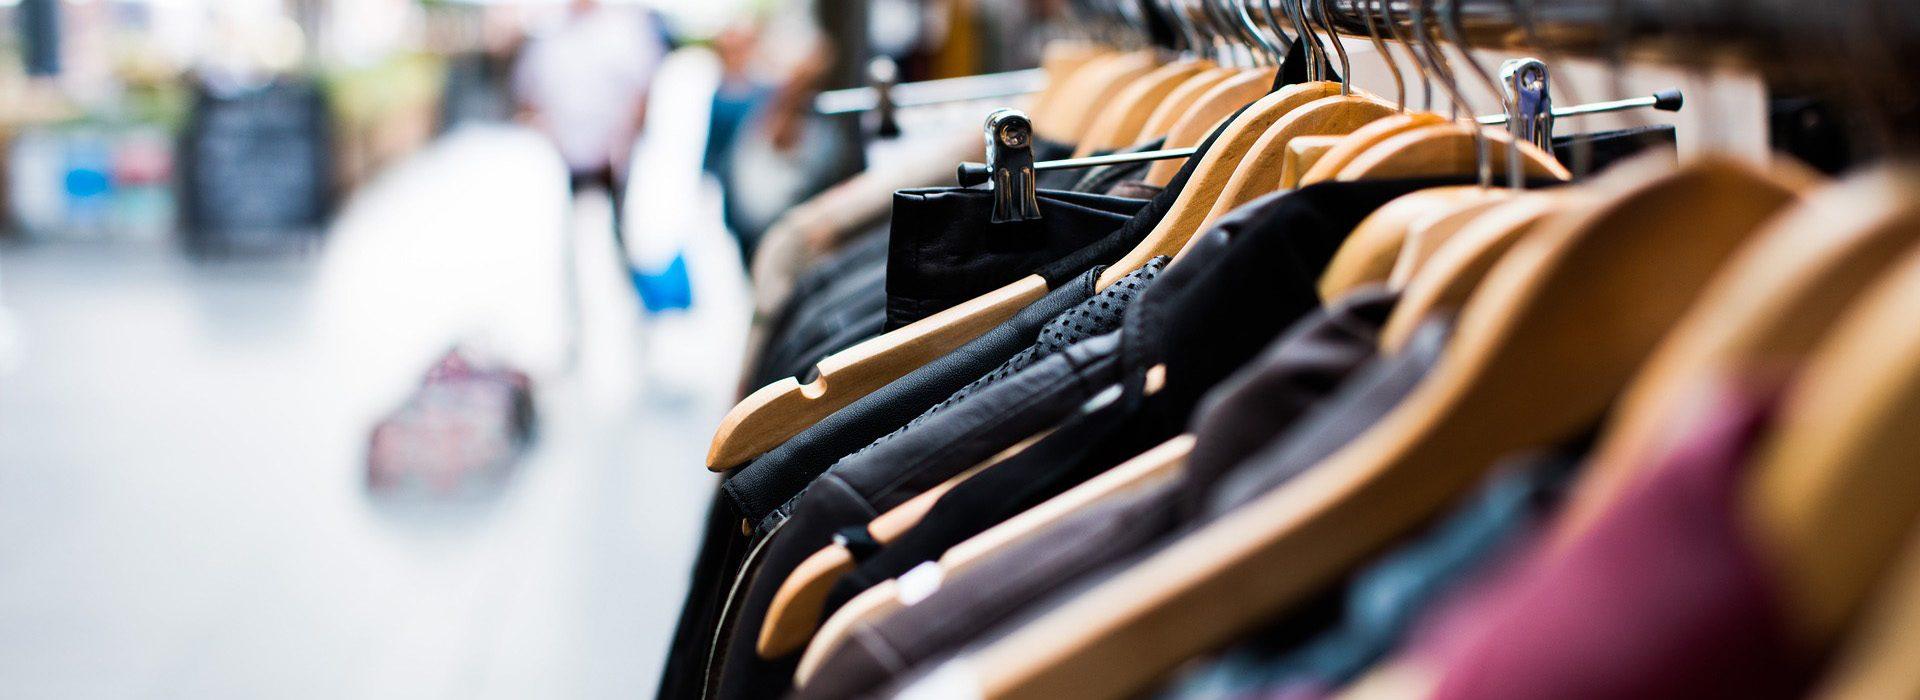 d8a8aa0e5ba Üks raskemaid asju kohvri pakkimisel on otsustada, millised riided kaasa  võtta ning millised koju jätta. Kui sa mõtled riideid pakkides  kõikvõimalike ...